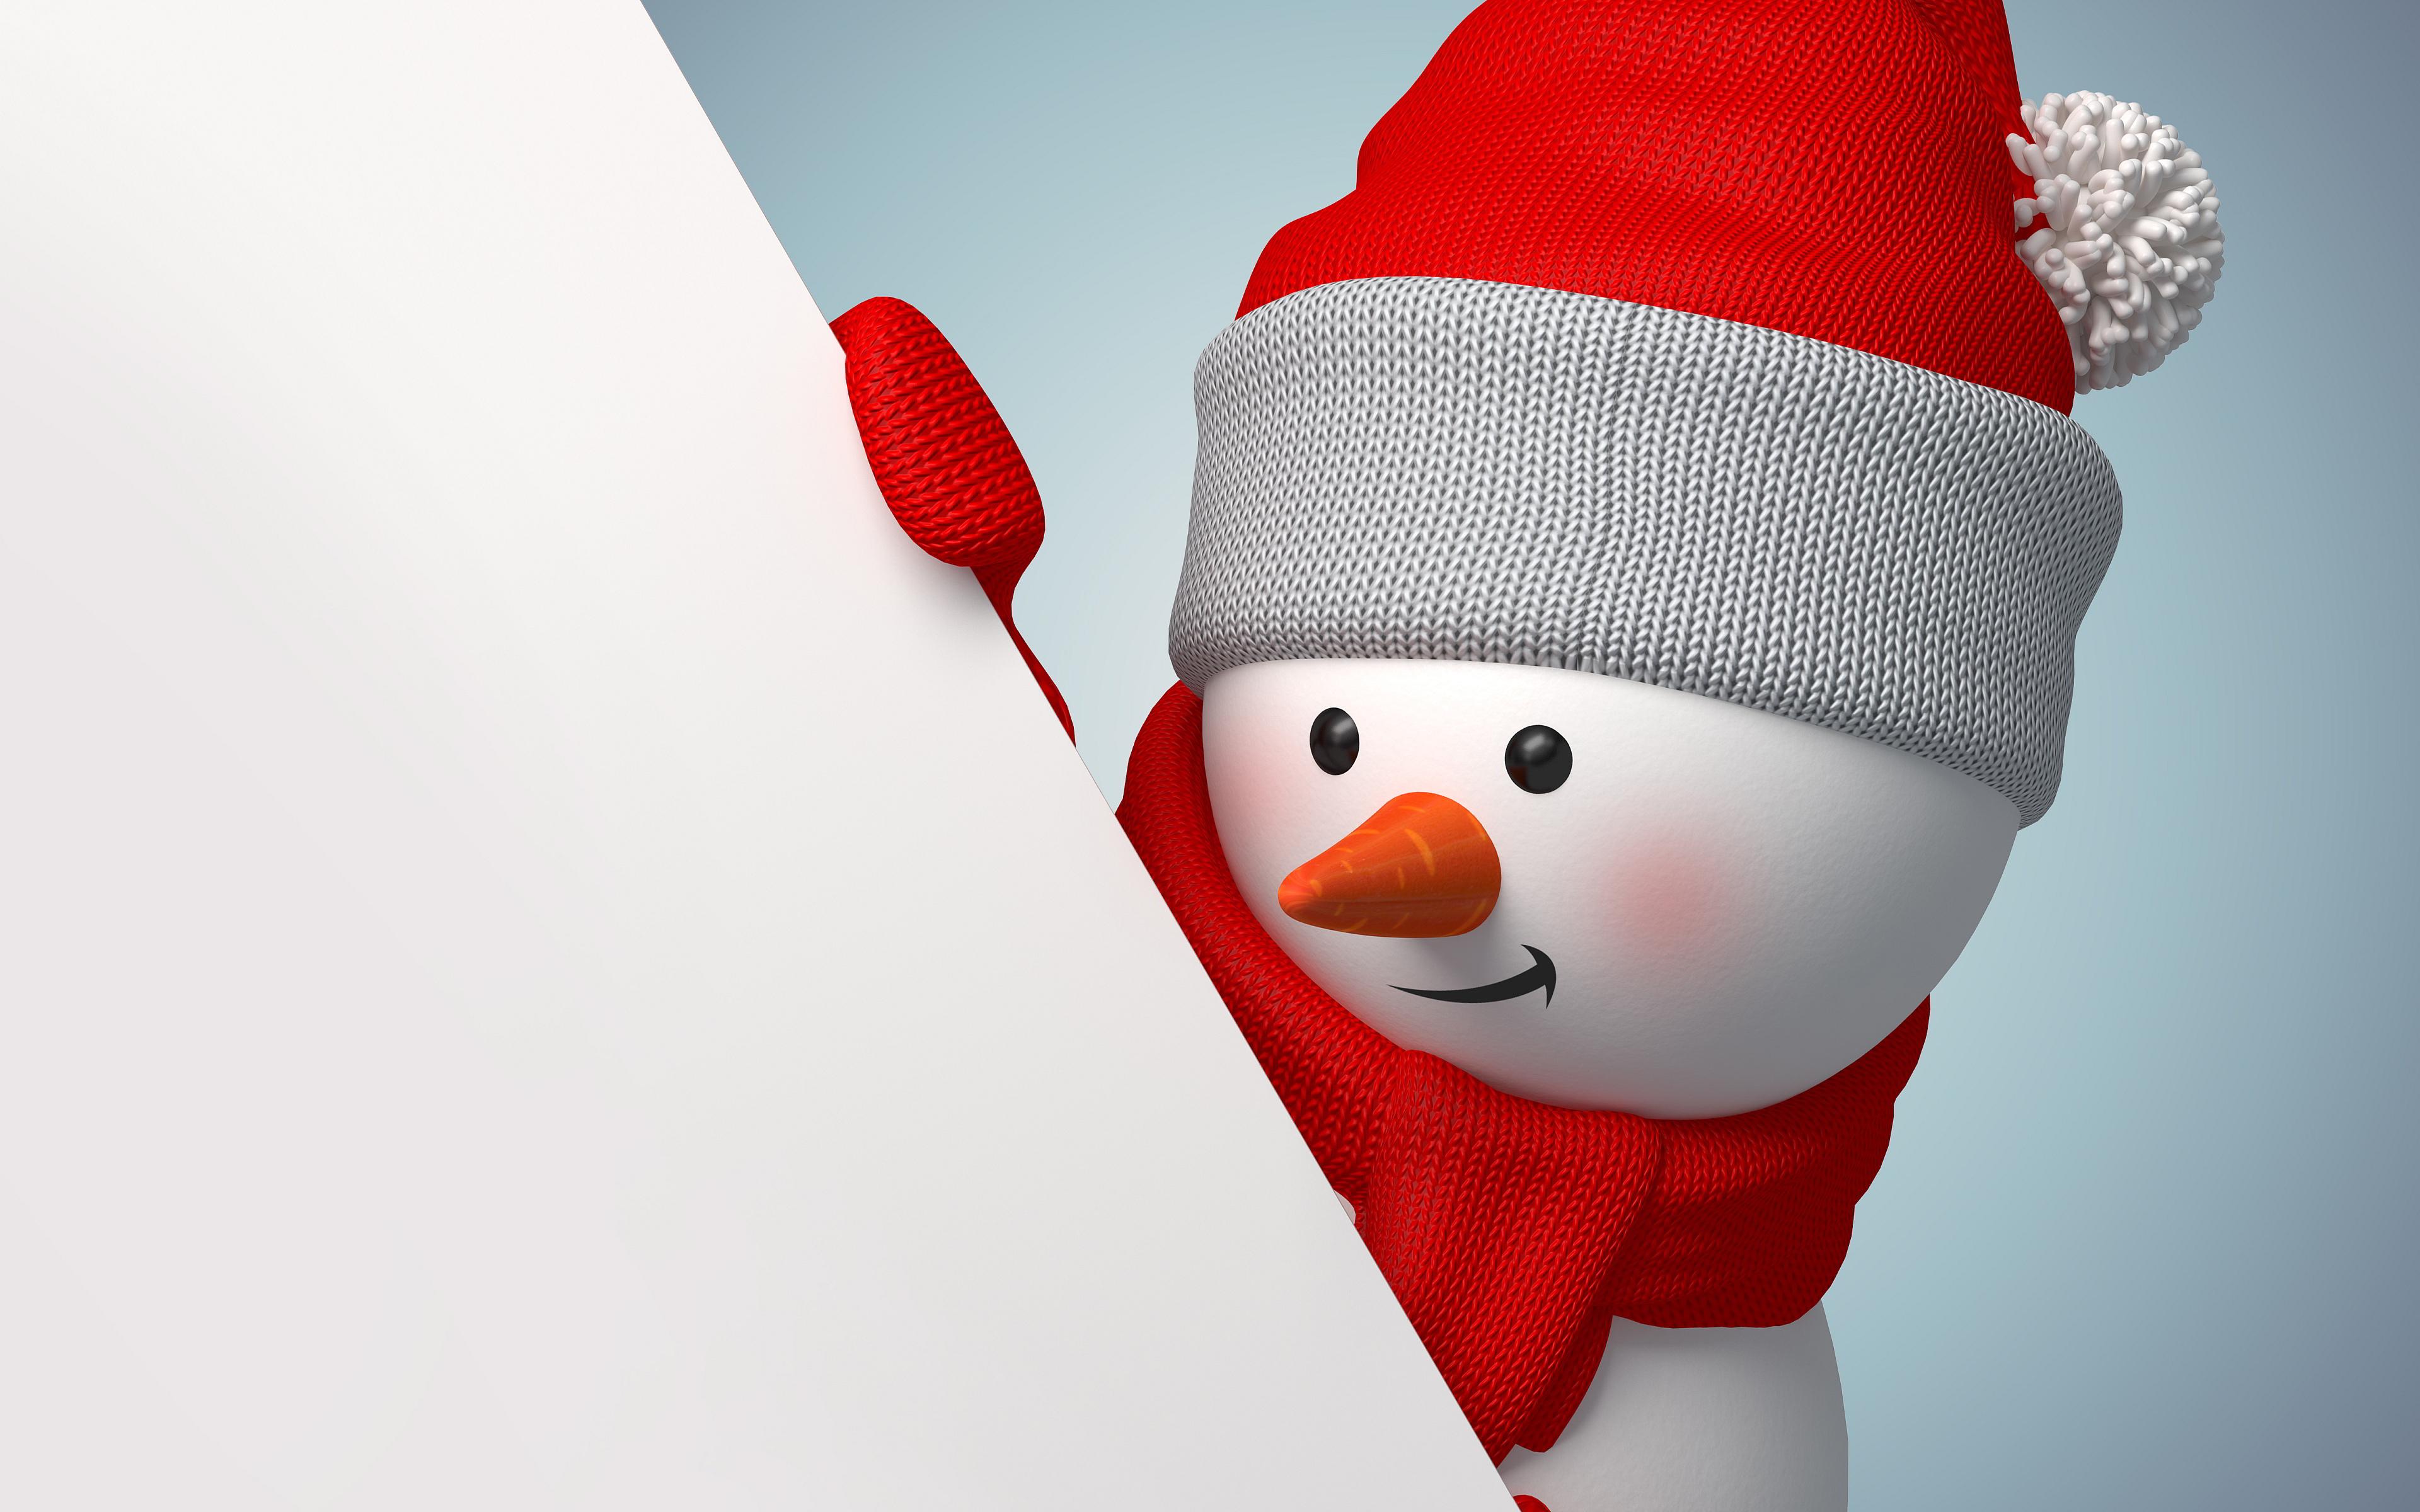 March 2018 Cute Full Screen Desktop Wallpapers 21 Hd Snowman Wallpapers Hdwallsource Com